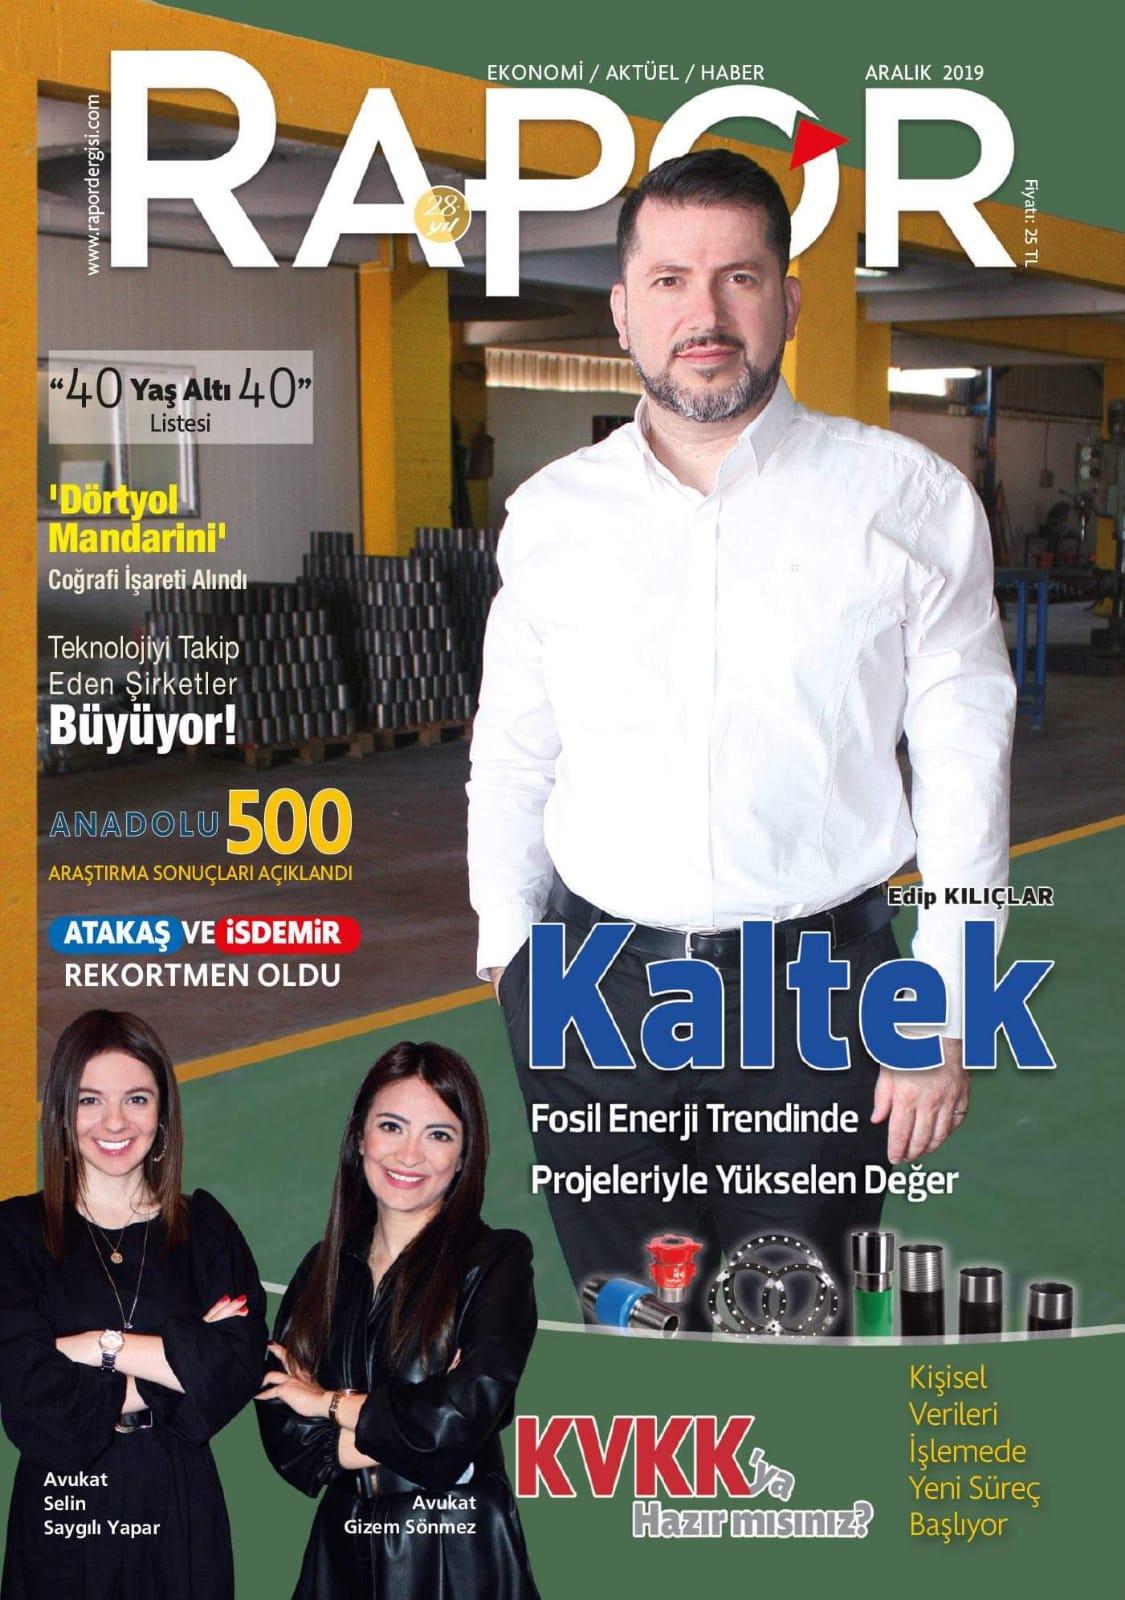 Kaltek Hatay Rapor Dergisi